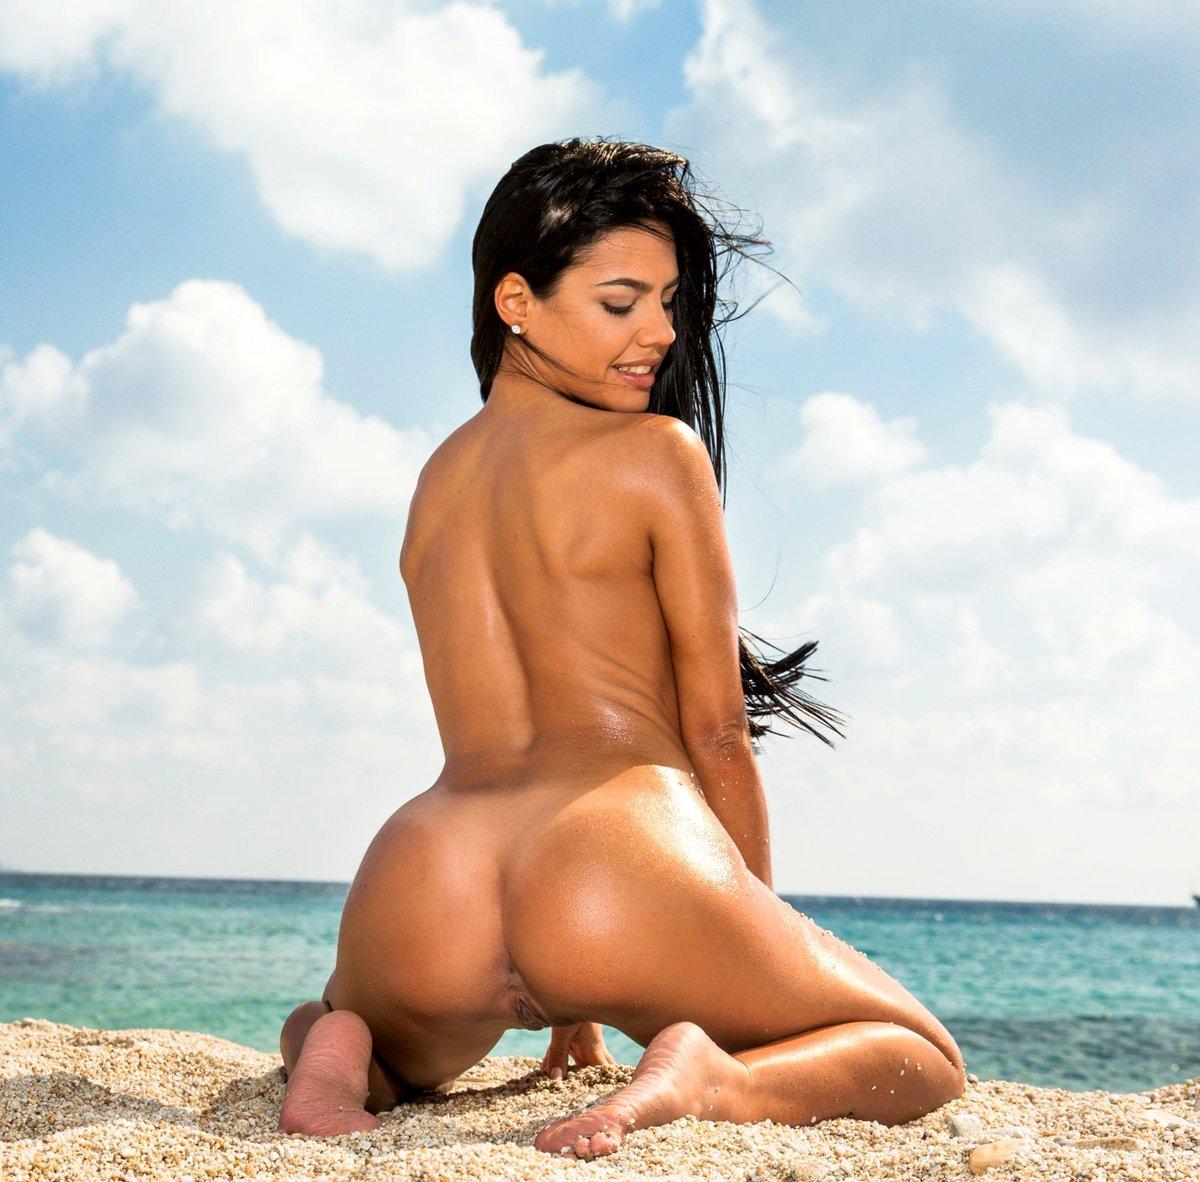 APOLONIA LAPIEDRA's photo on Pablito